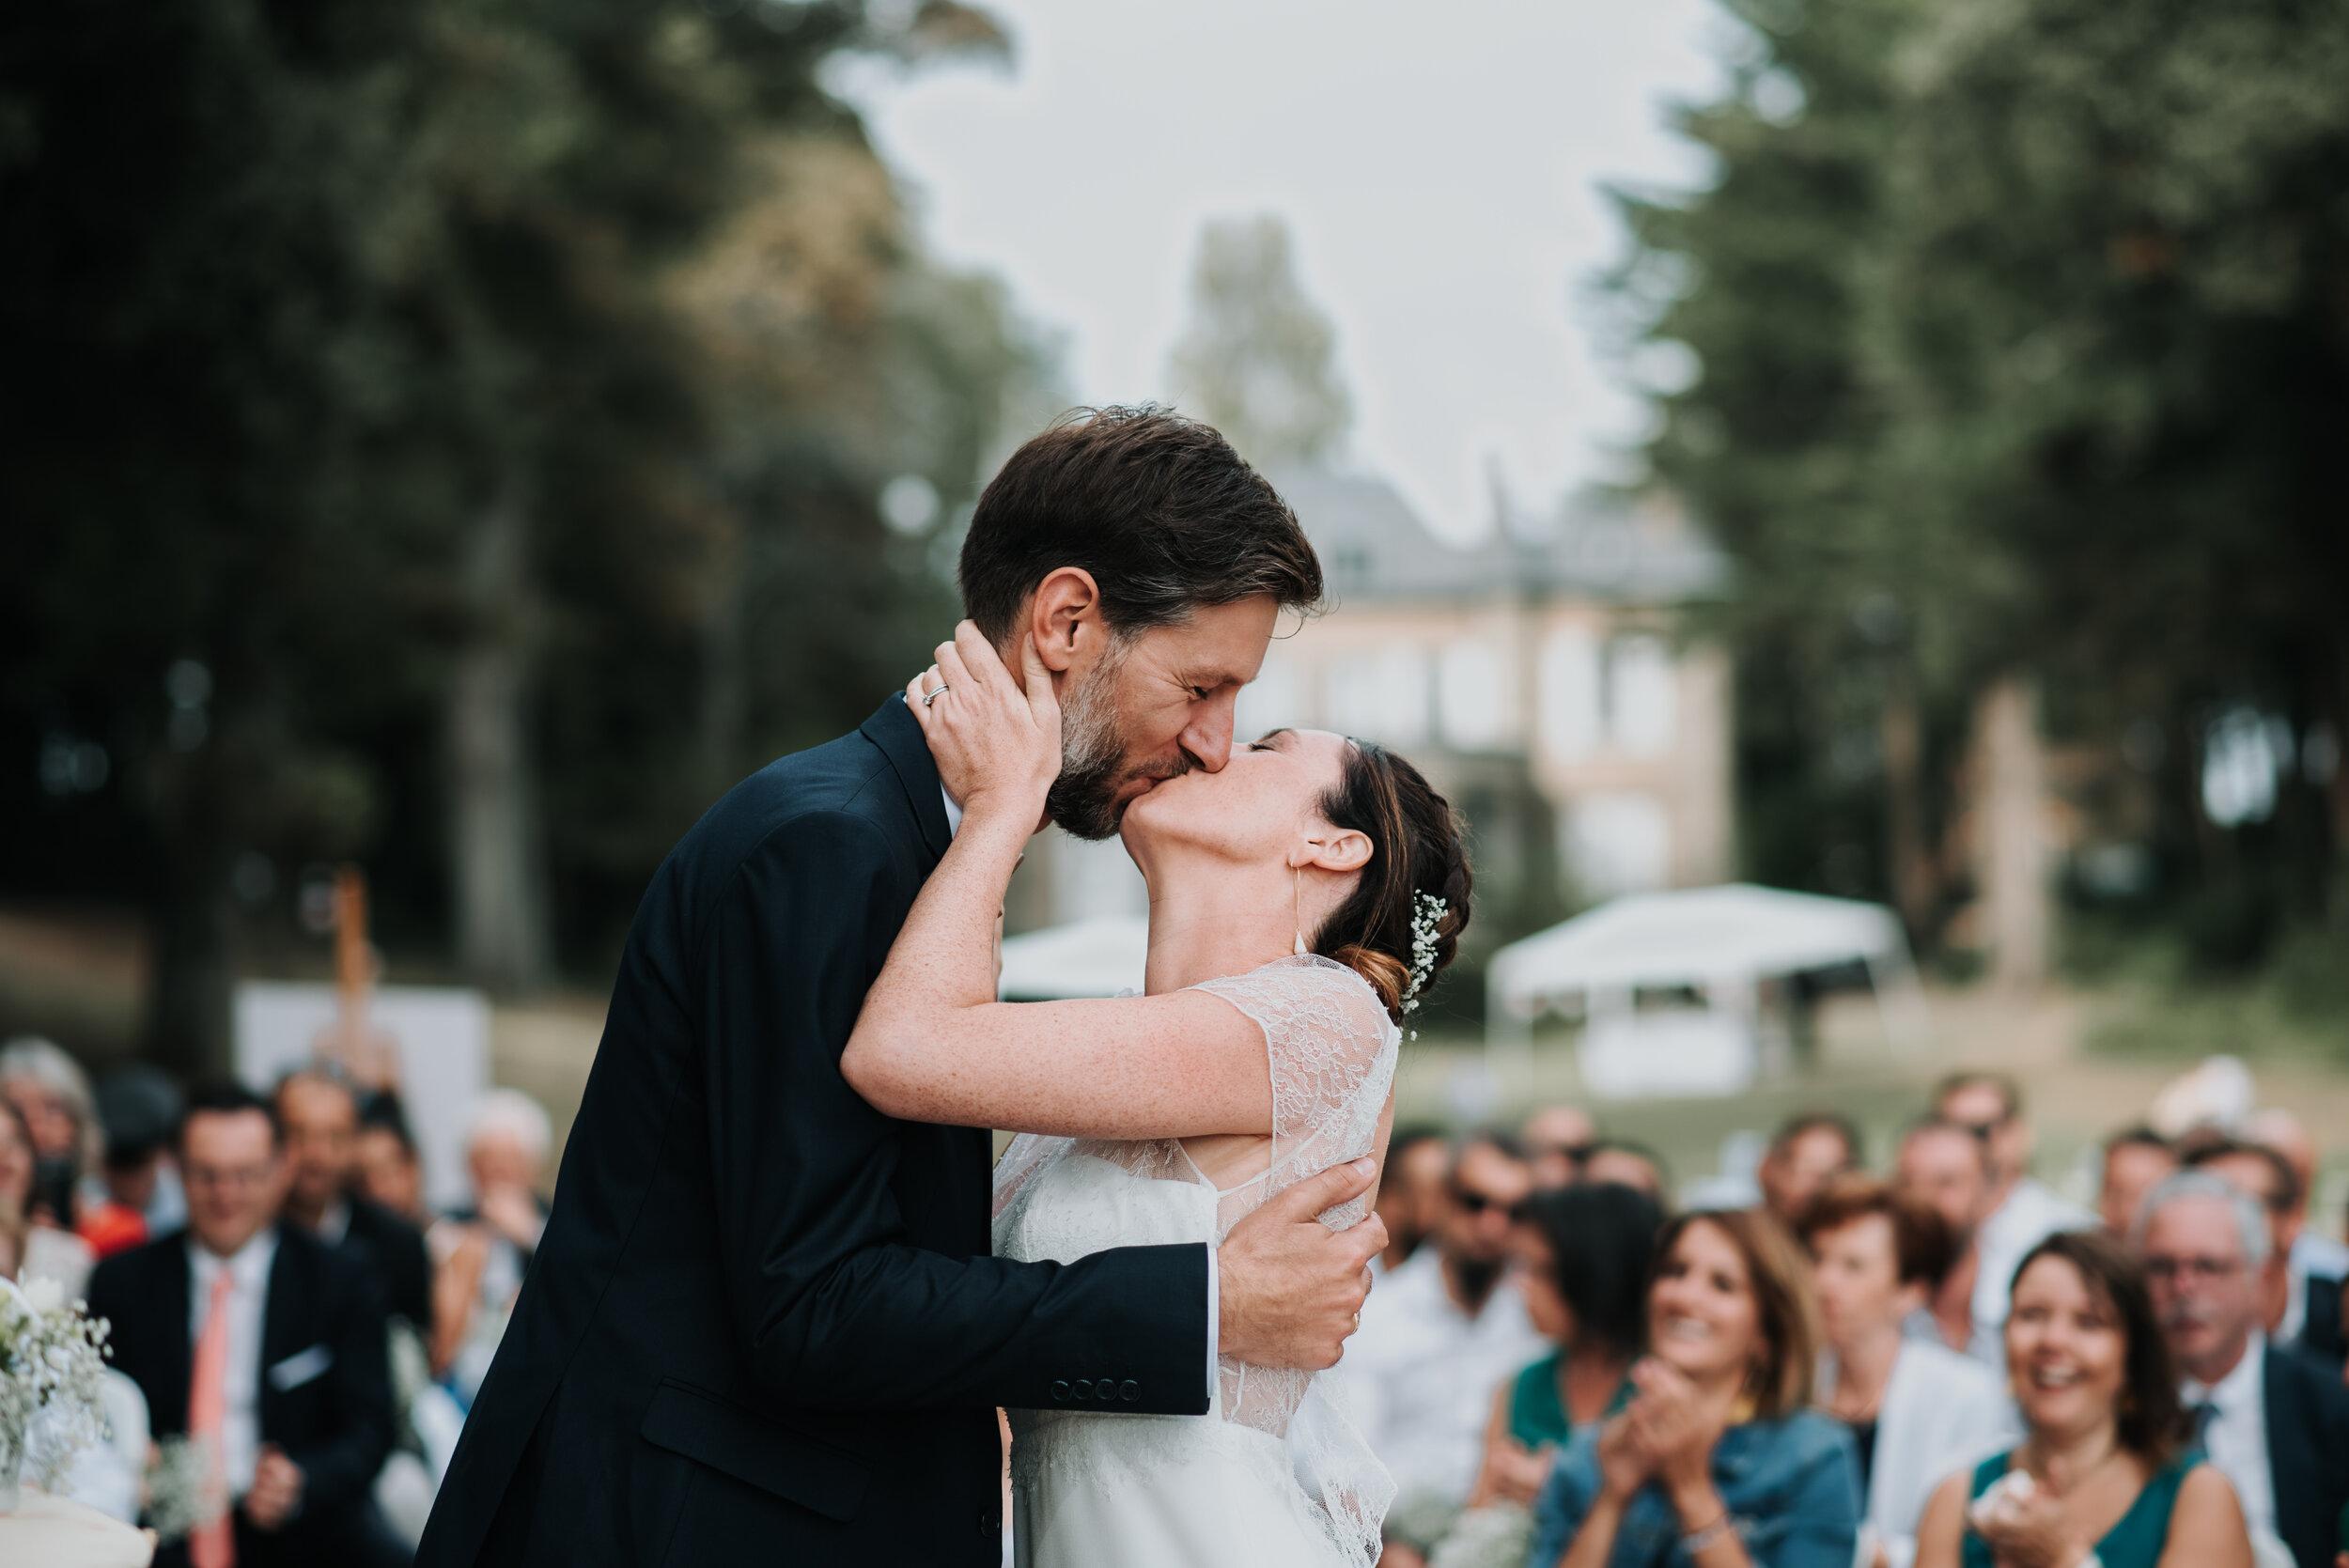 Léa-Fery-photographe-professionnel-Bretagne-portrait-creation-mariage-evenement-evenementiel-famille-2382.jpg